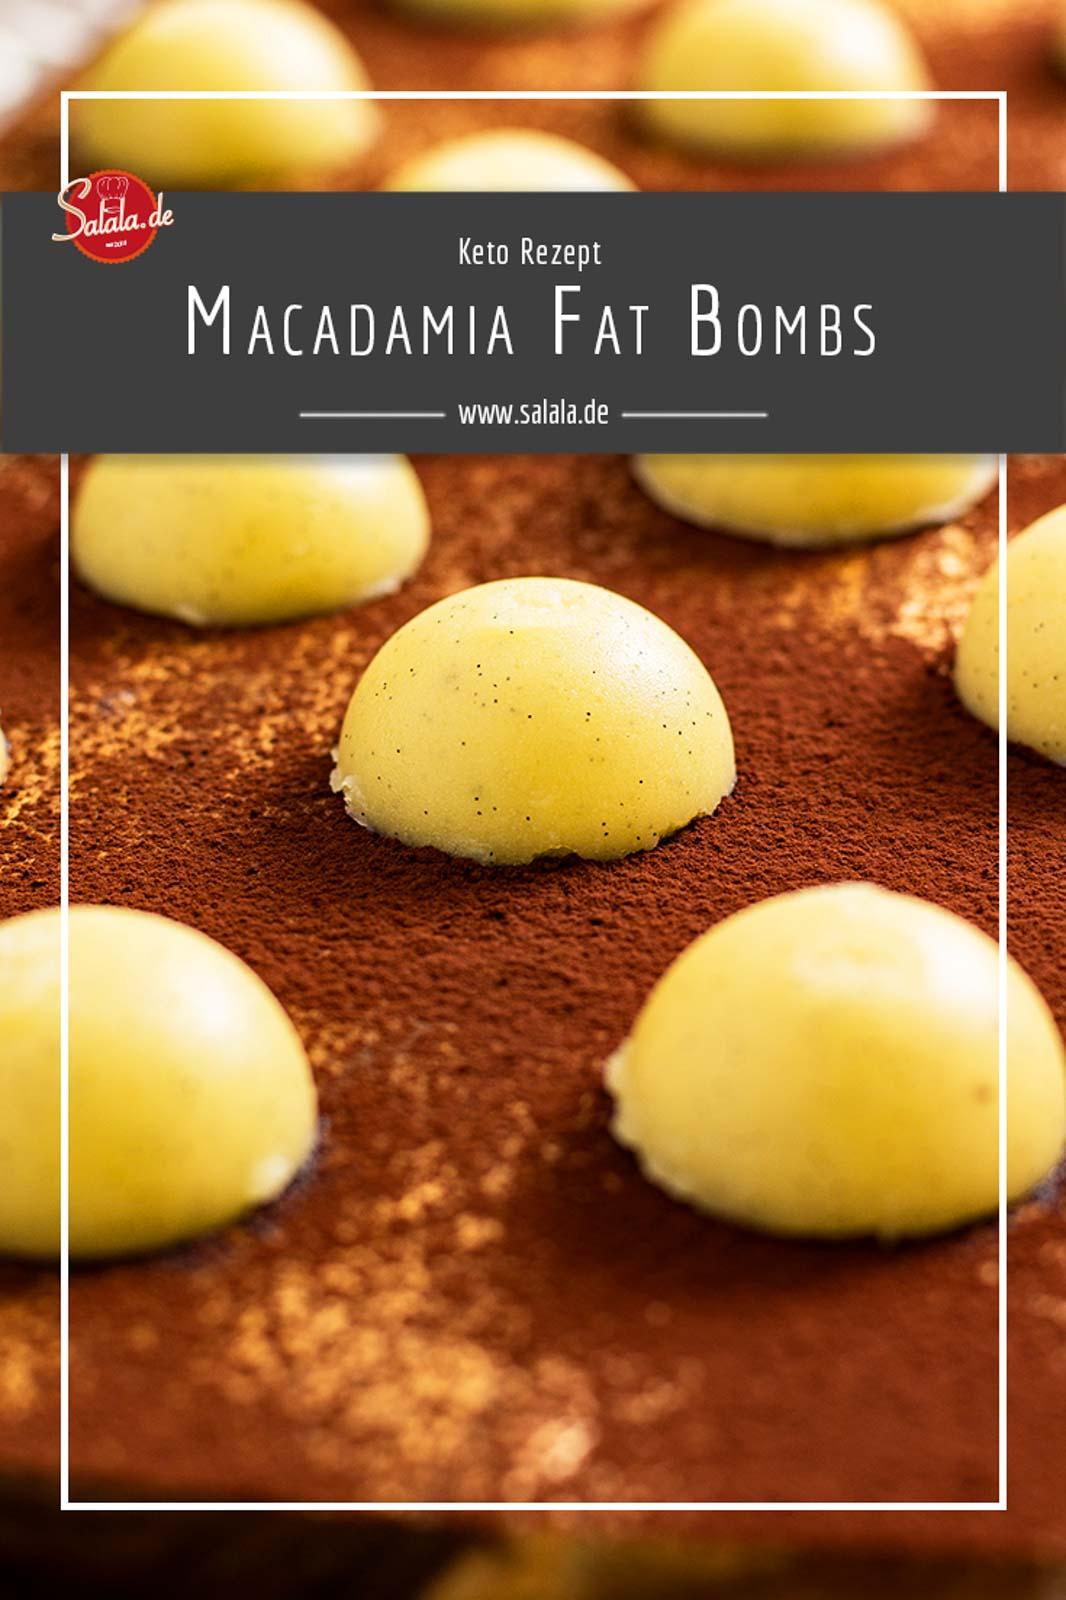 Leckere Macadamia Fat Bombs mit Butter und Kokosöl. Ein tolles Keto Rezept zum Fett auffüllen und mit viel MCT-Öl. Perfekt auch fürs Fettfasten. #fatbombs #lowcarb #lowcarbrezepte #ketorezepte